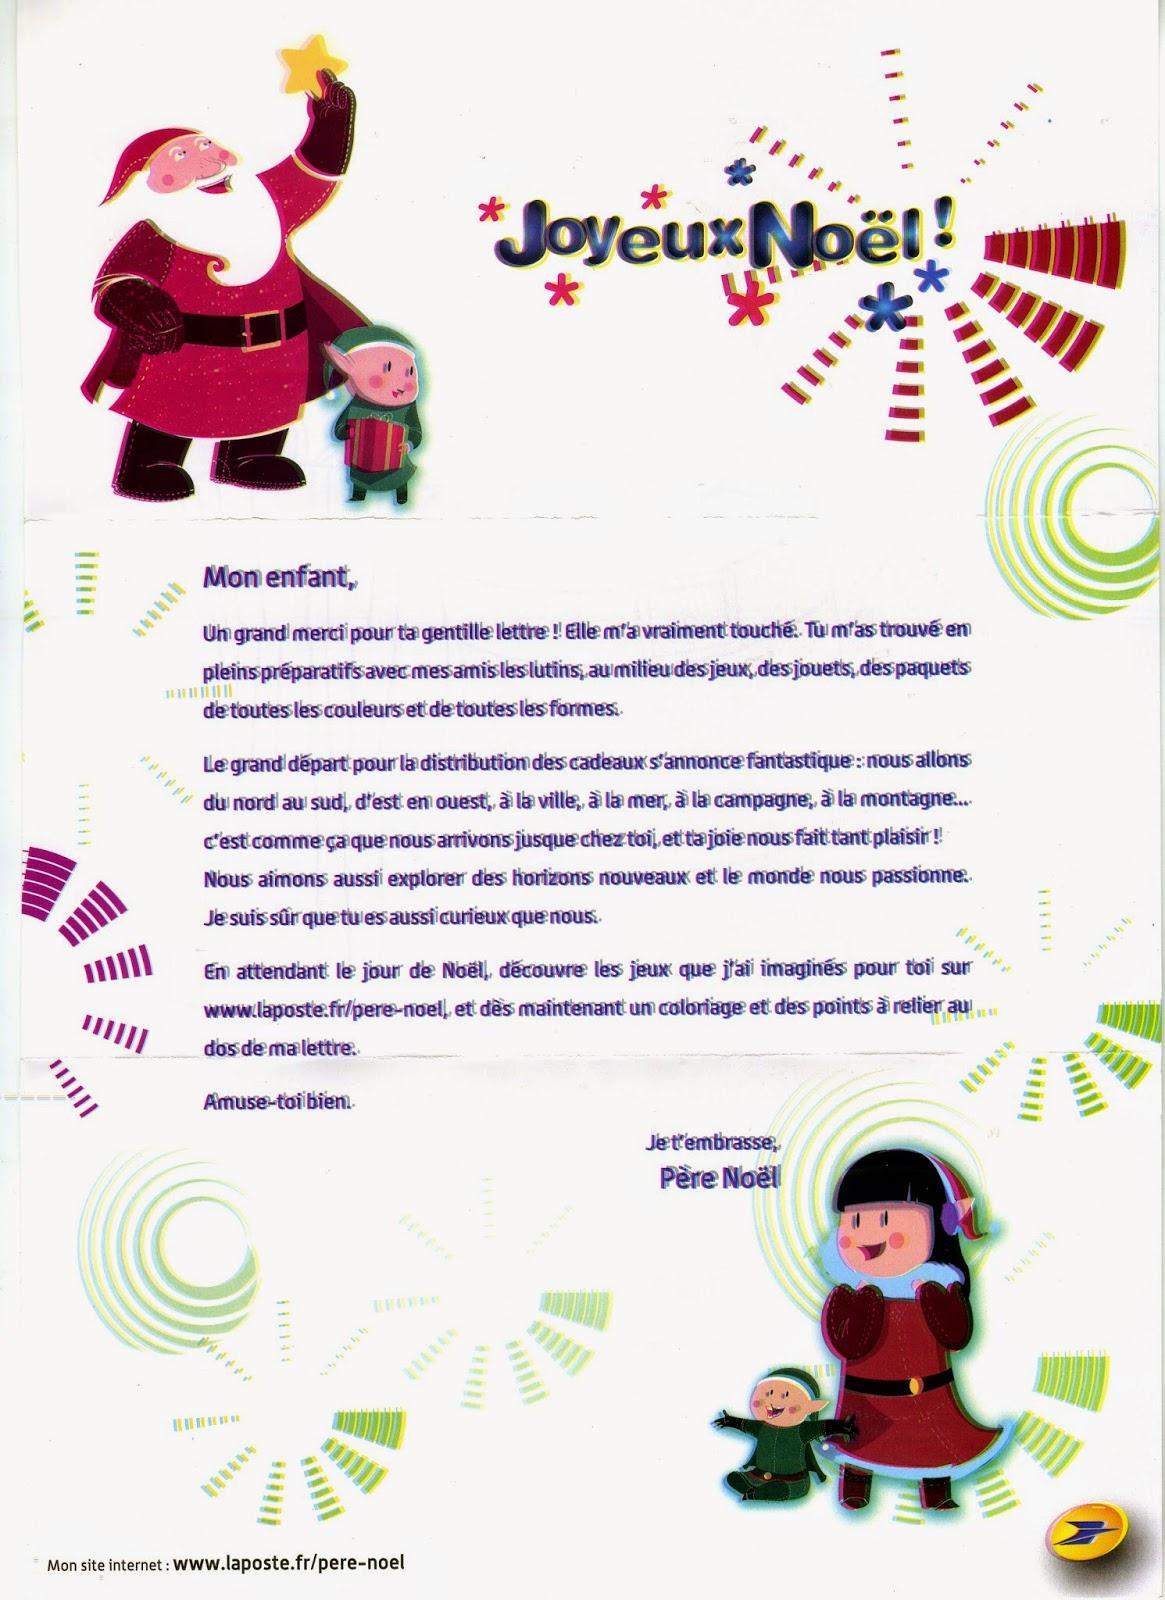 la poste lettre pere noel Blog Philatélie Cartophilie de Michel: Le courrier du Père Noël et  la poste lettre pere noel